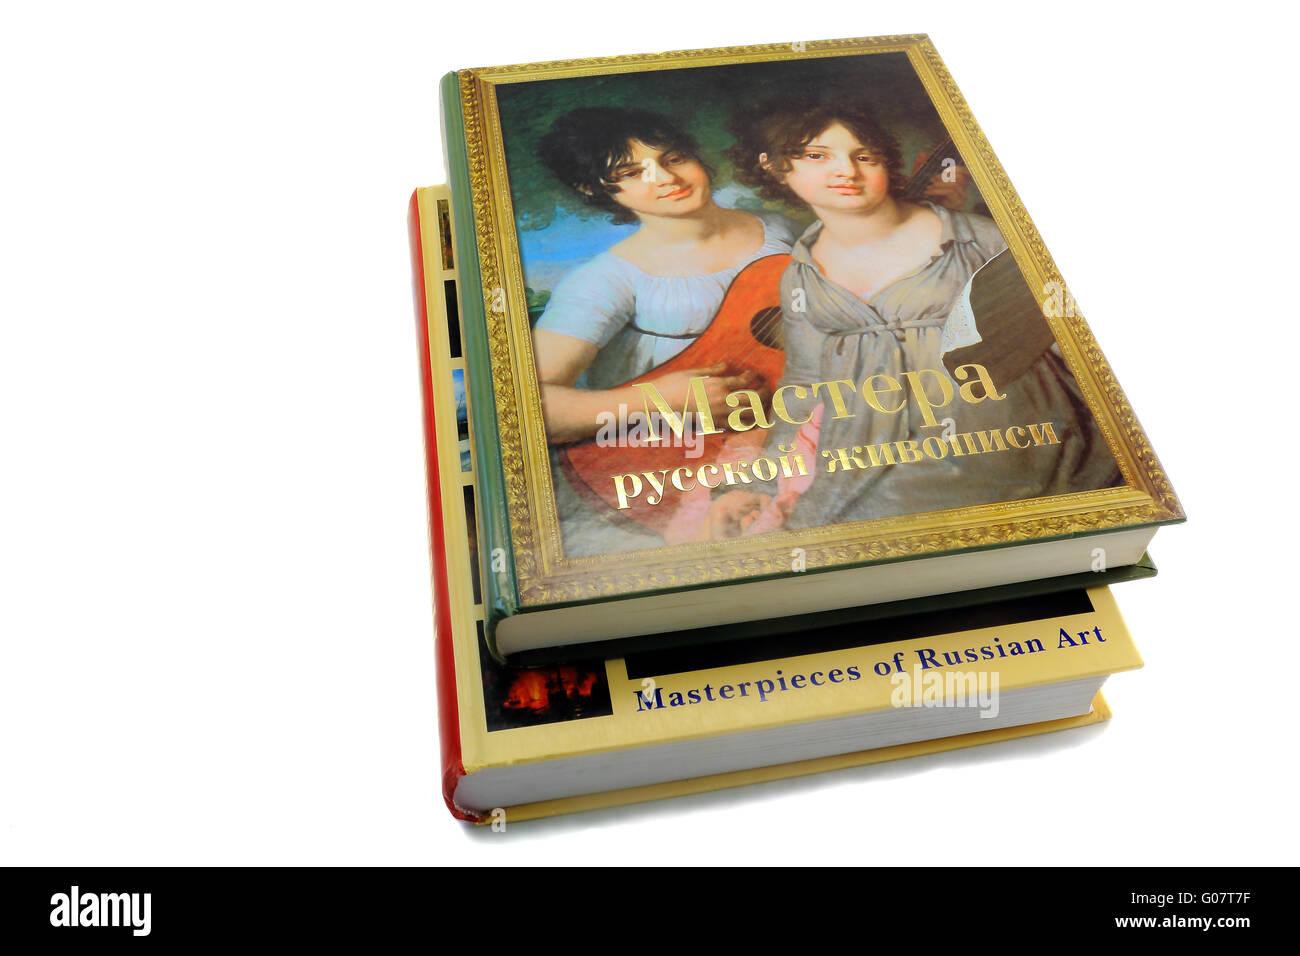 Dos libros sobre pintura sobre un fondo blanco. Imagen De Stock